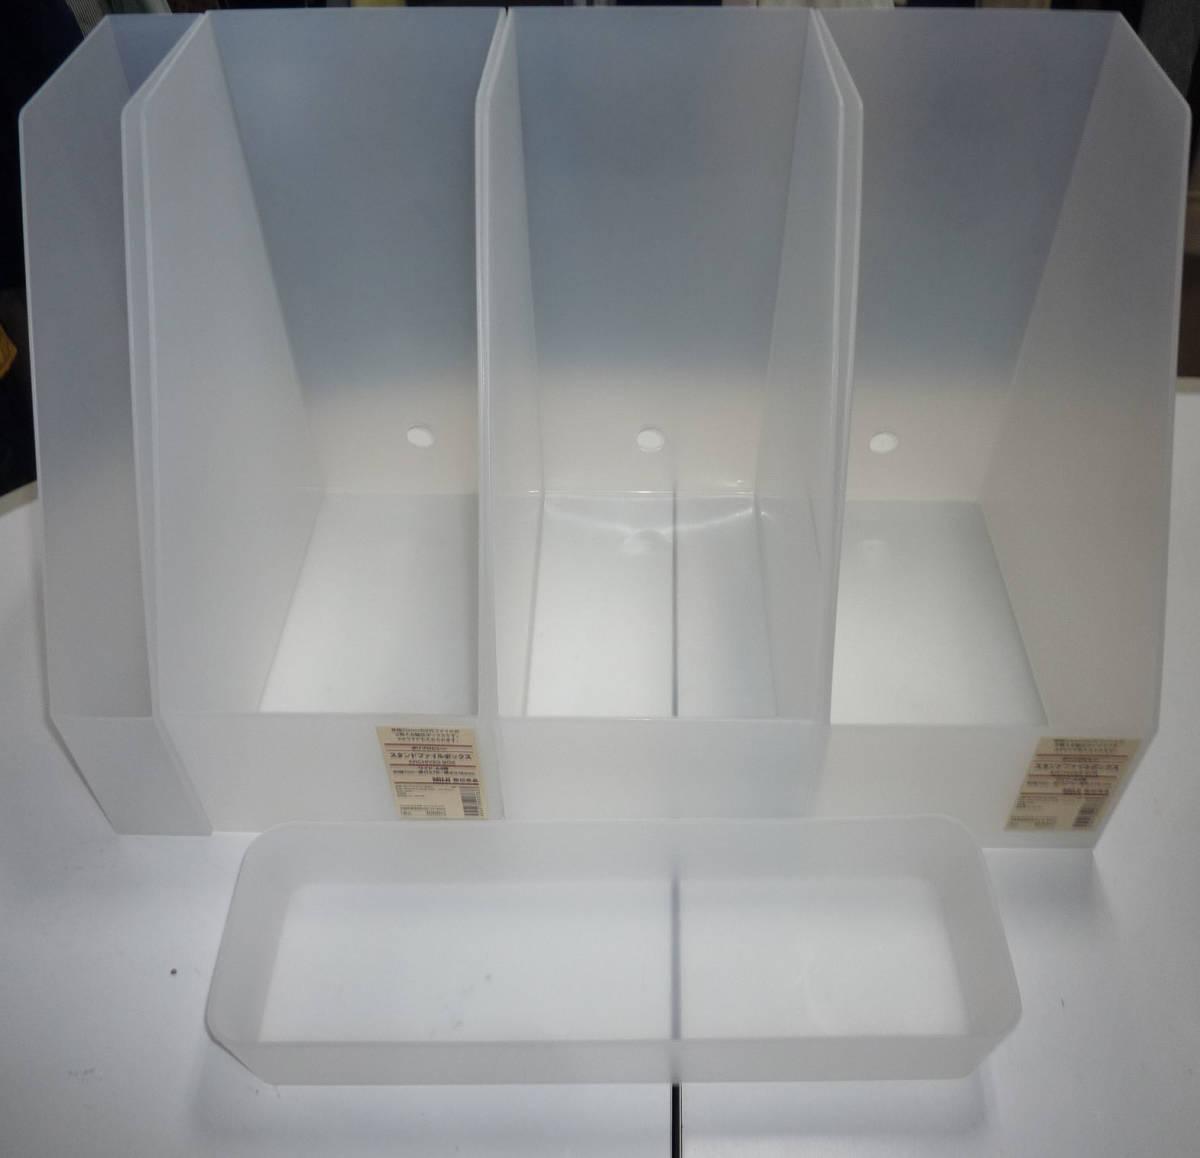 無印良品♪スタンドファイルボックス+小物入れ5点セット♪美品